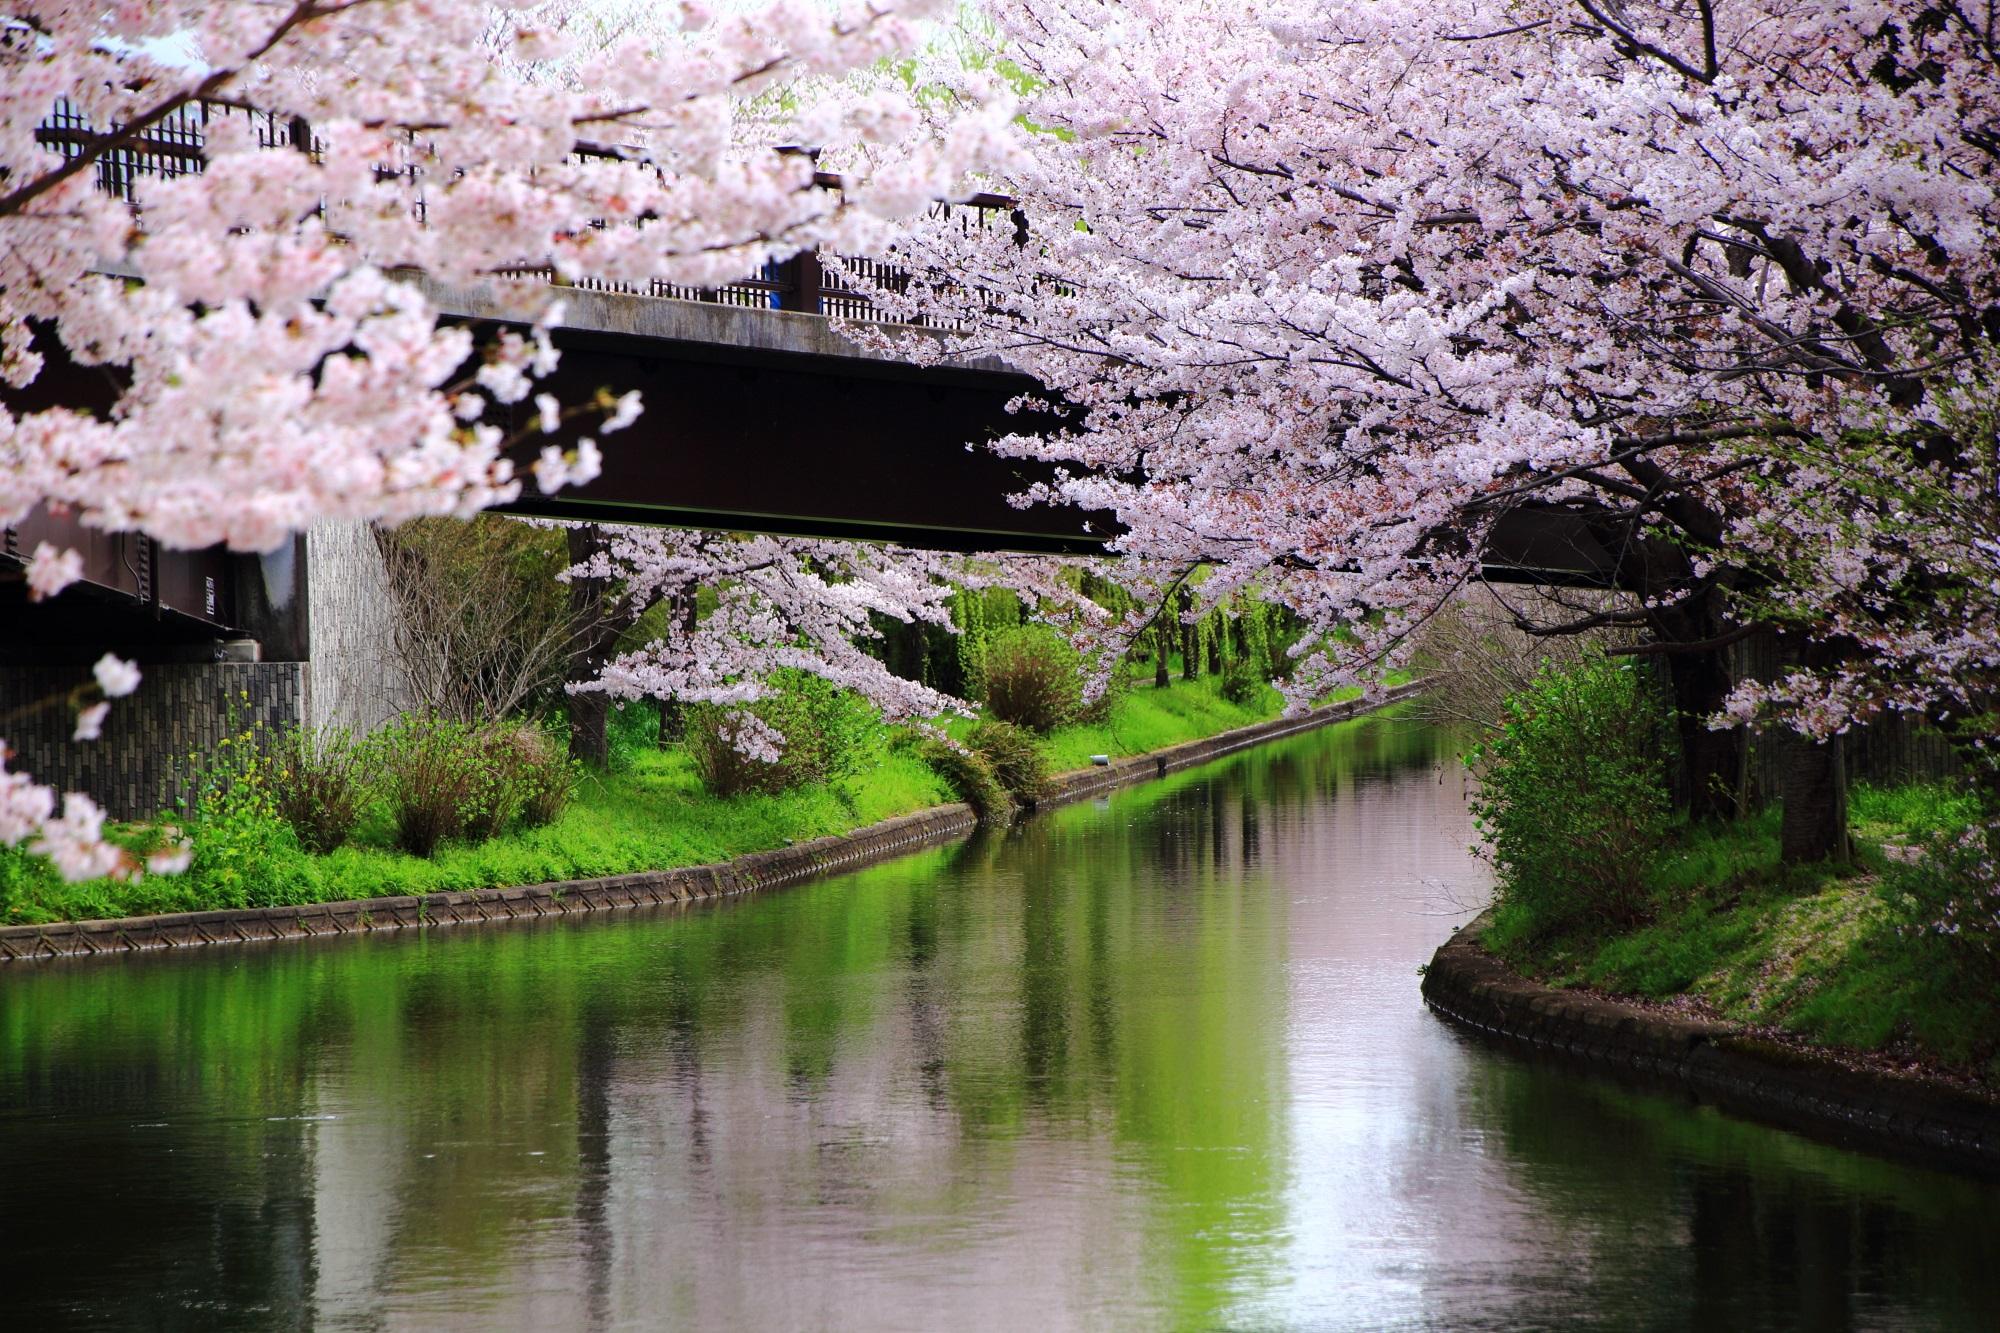 であい橋の桜とピンクの桜の水鏡